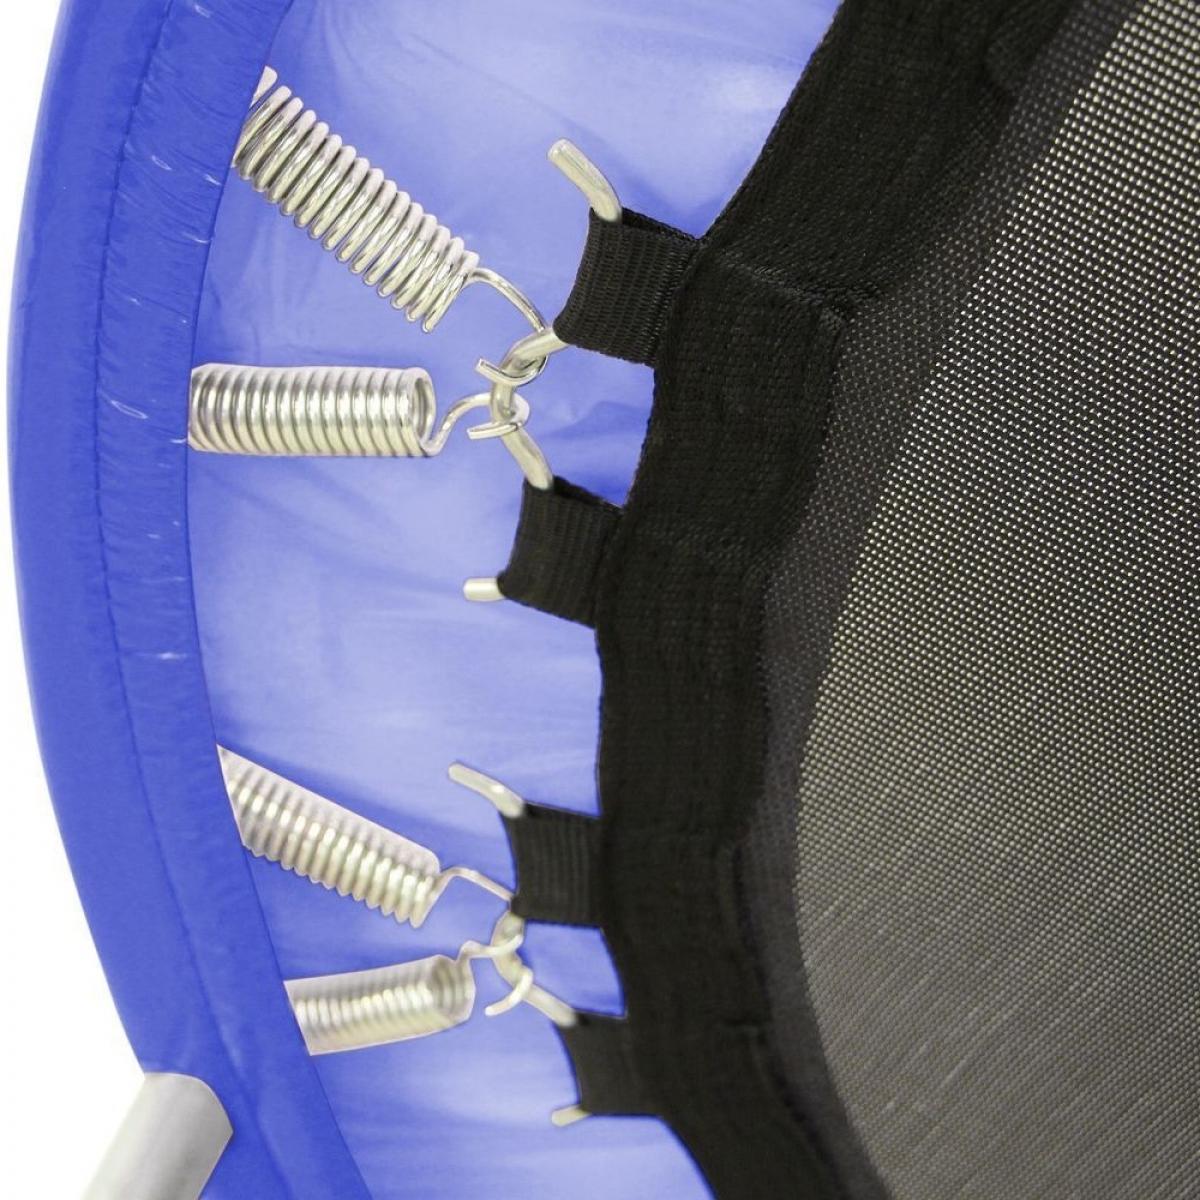 Батут мини Sundays D121 с ручкой синий